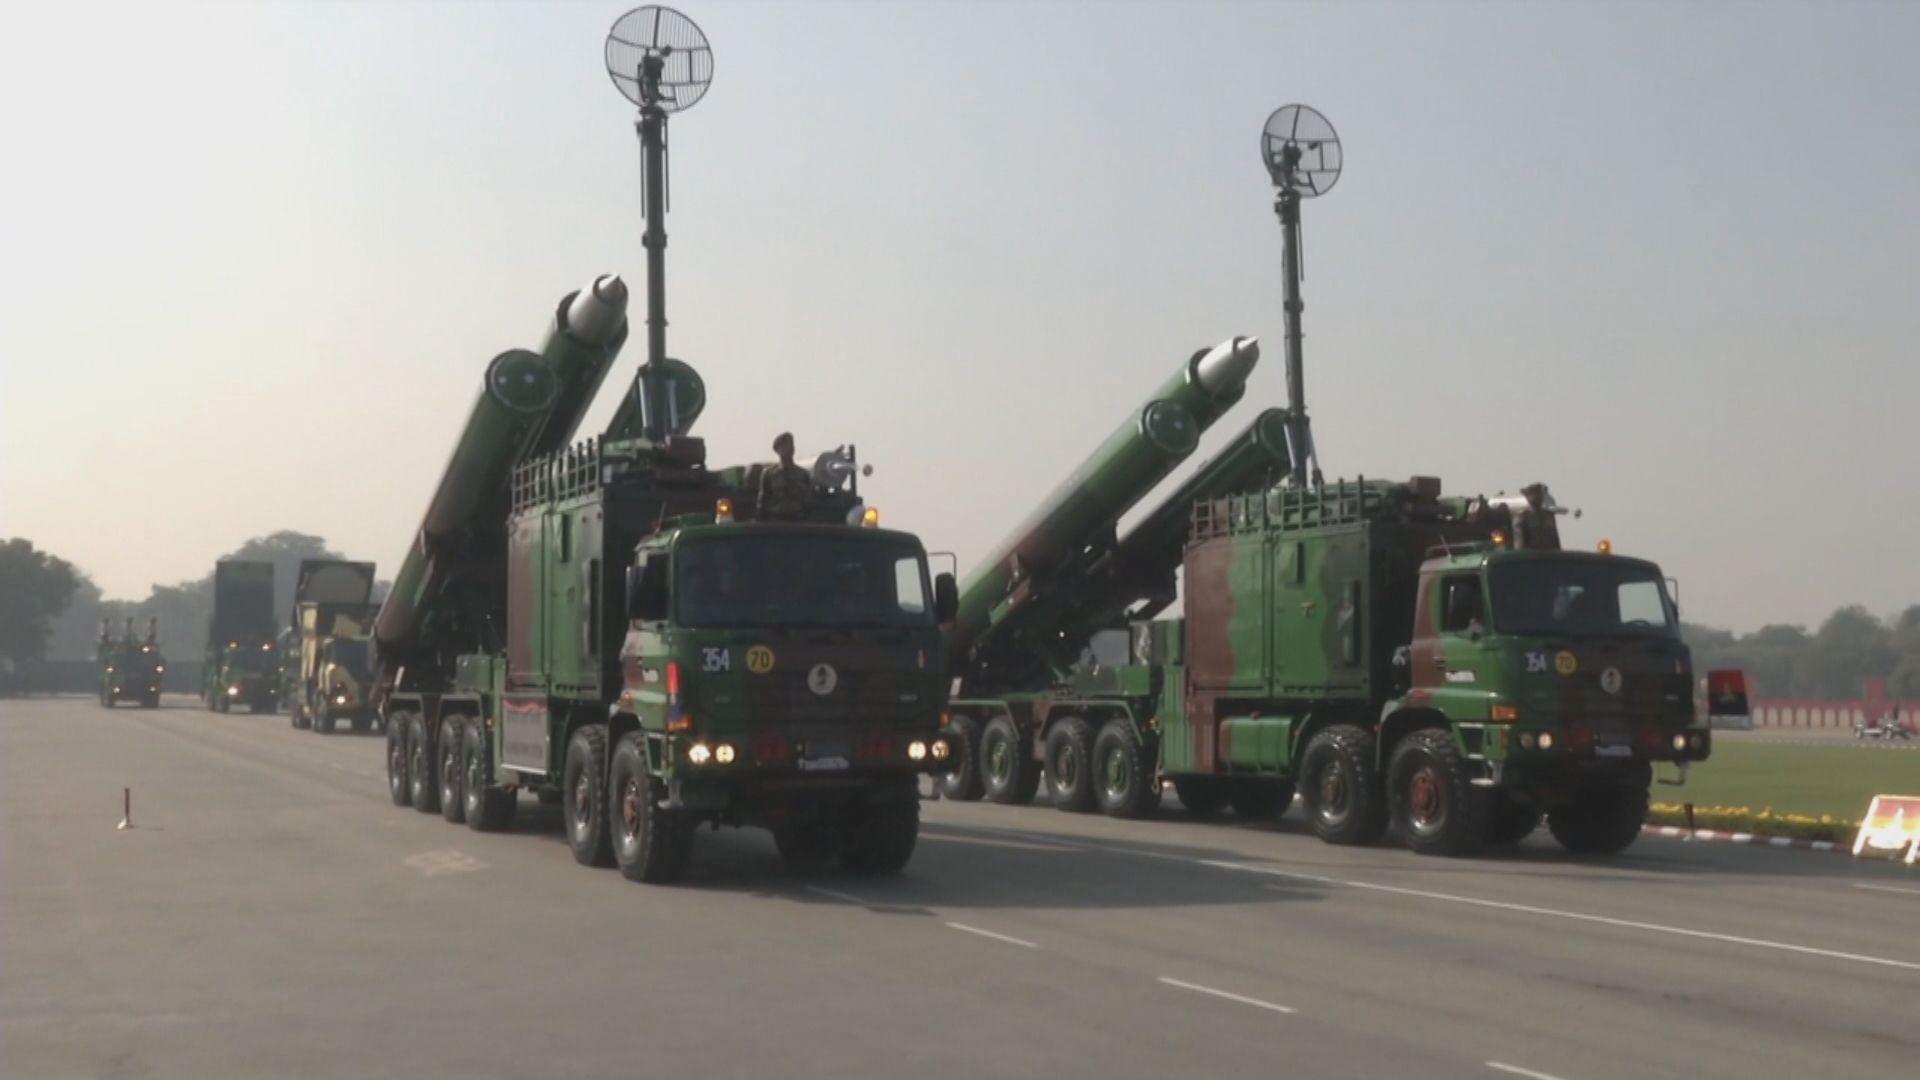 報道指印度擬向印尼外銷超音速導彈